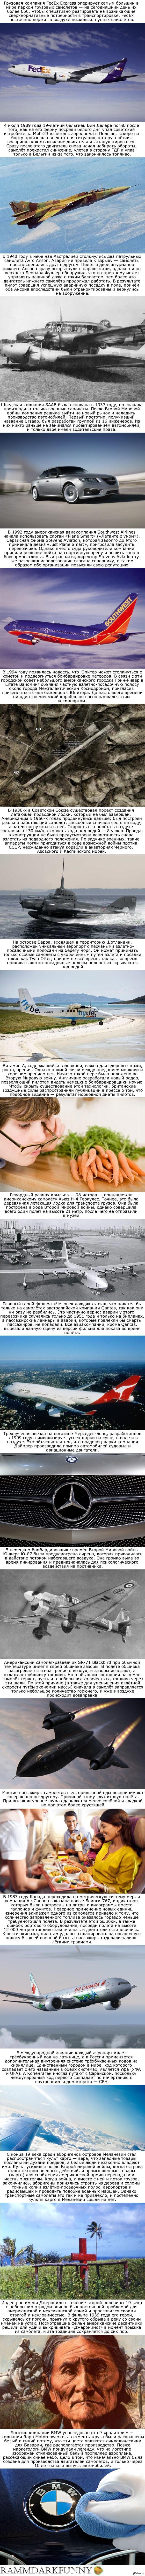 Интересные факты Общая тема - авиация.  длиннопост, интересные факты, Авиация, самолет, Самолеты